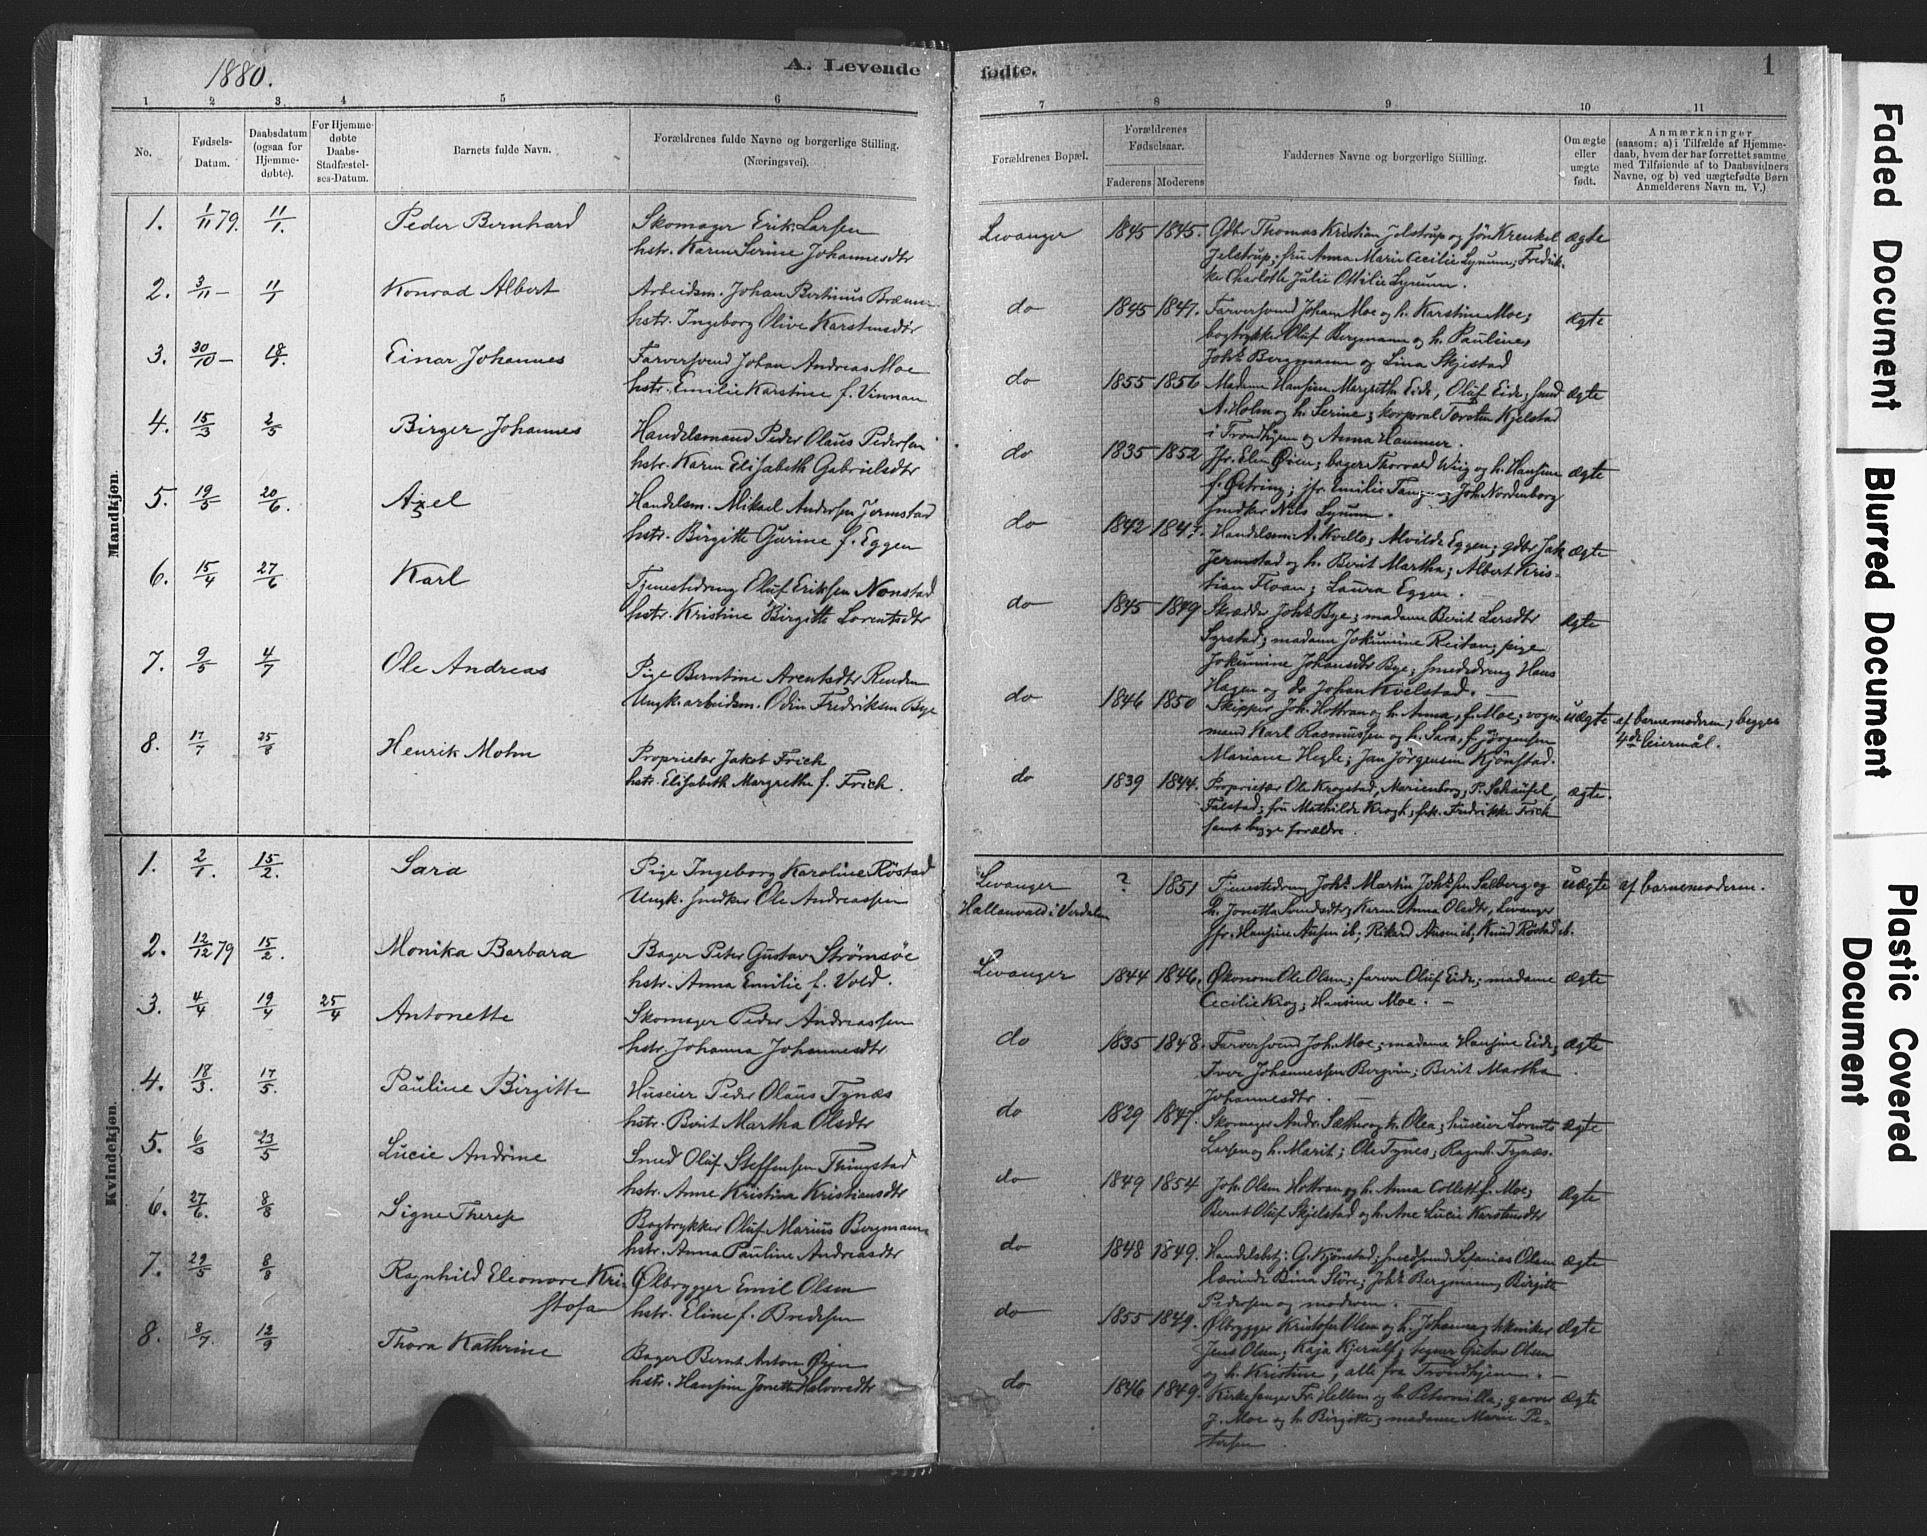 SAT, Ministerialprotokoller, klokkerbøker og fødselsregistre - Nord-Trøndelag, 720/L0189: Ministerialbok nr. 720A05, 1880-1911, s. 1